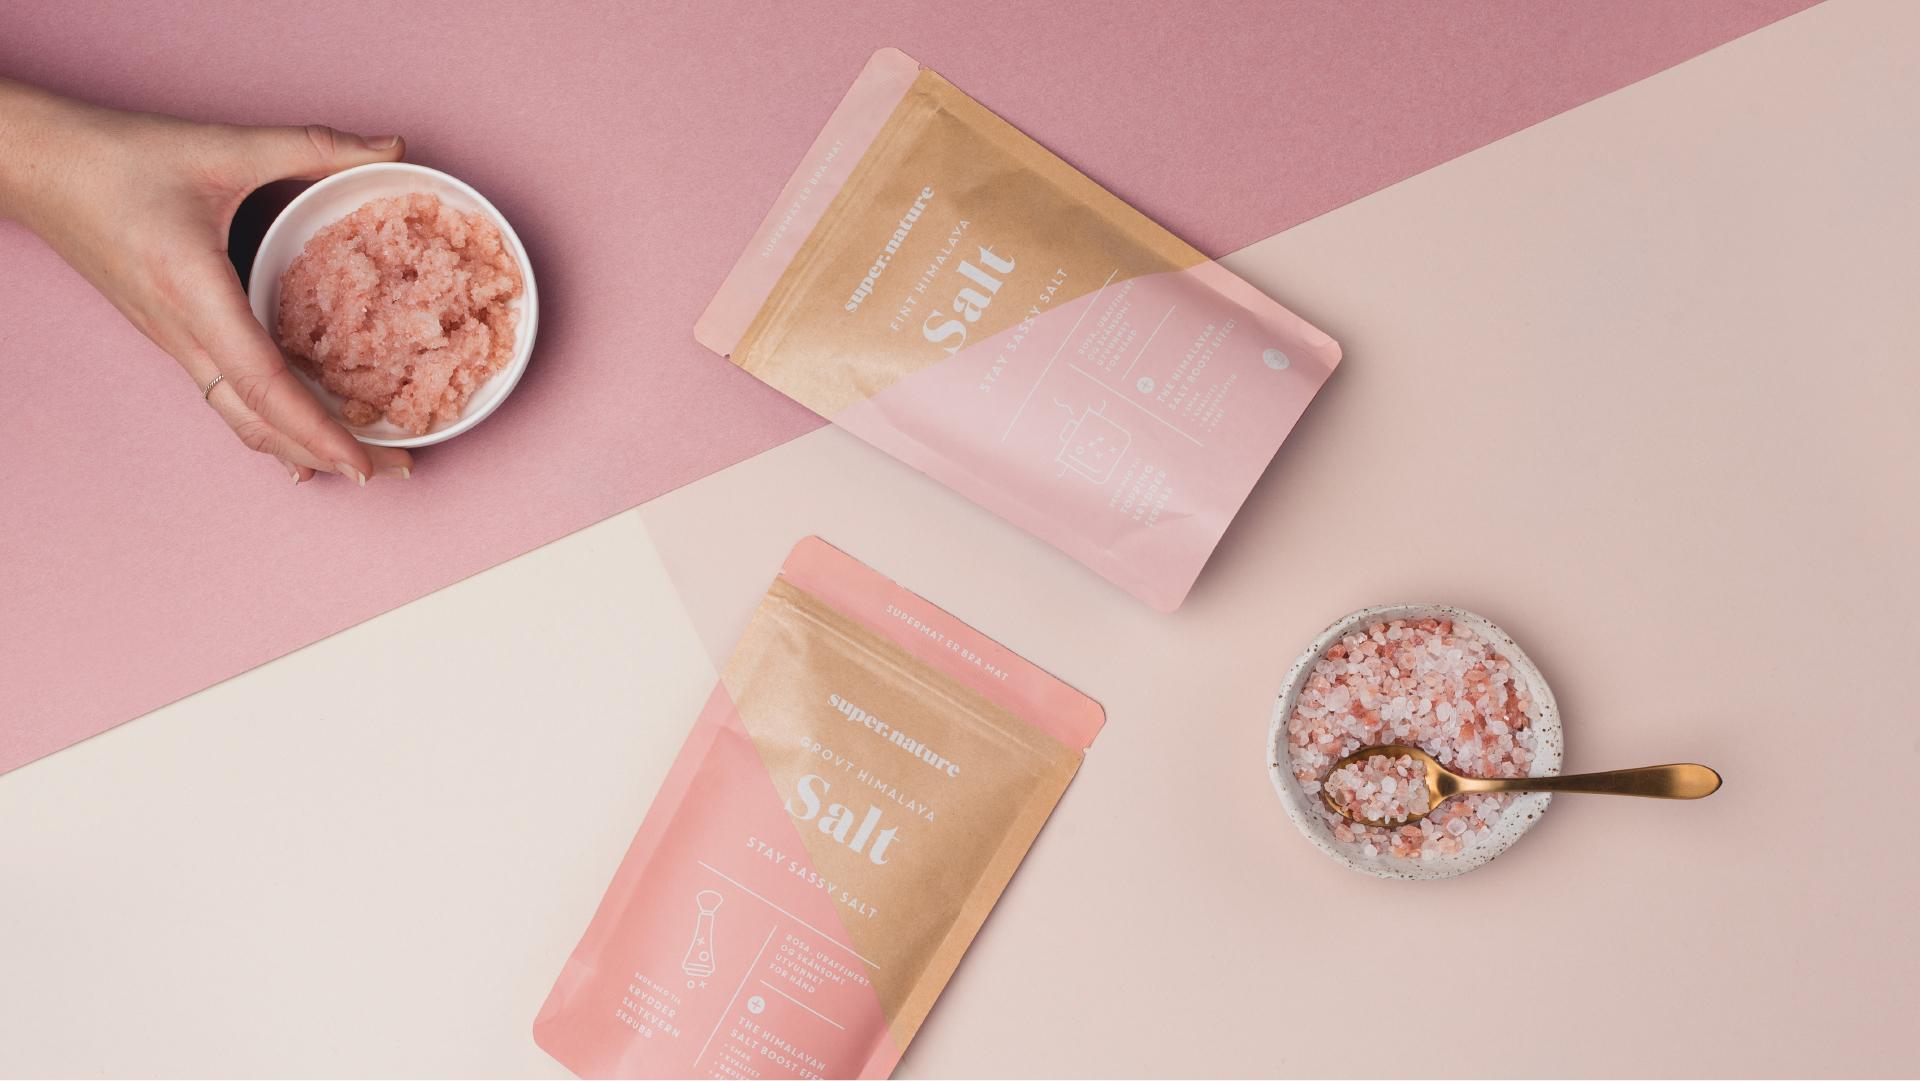 Packaging Design for Supernature / World Brand Design Society